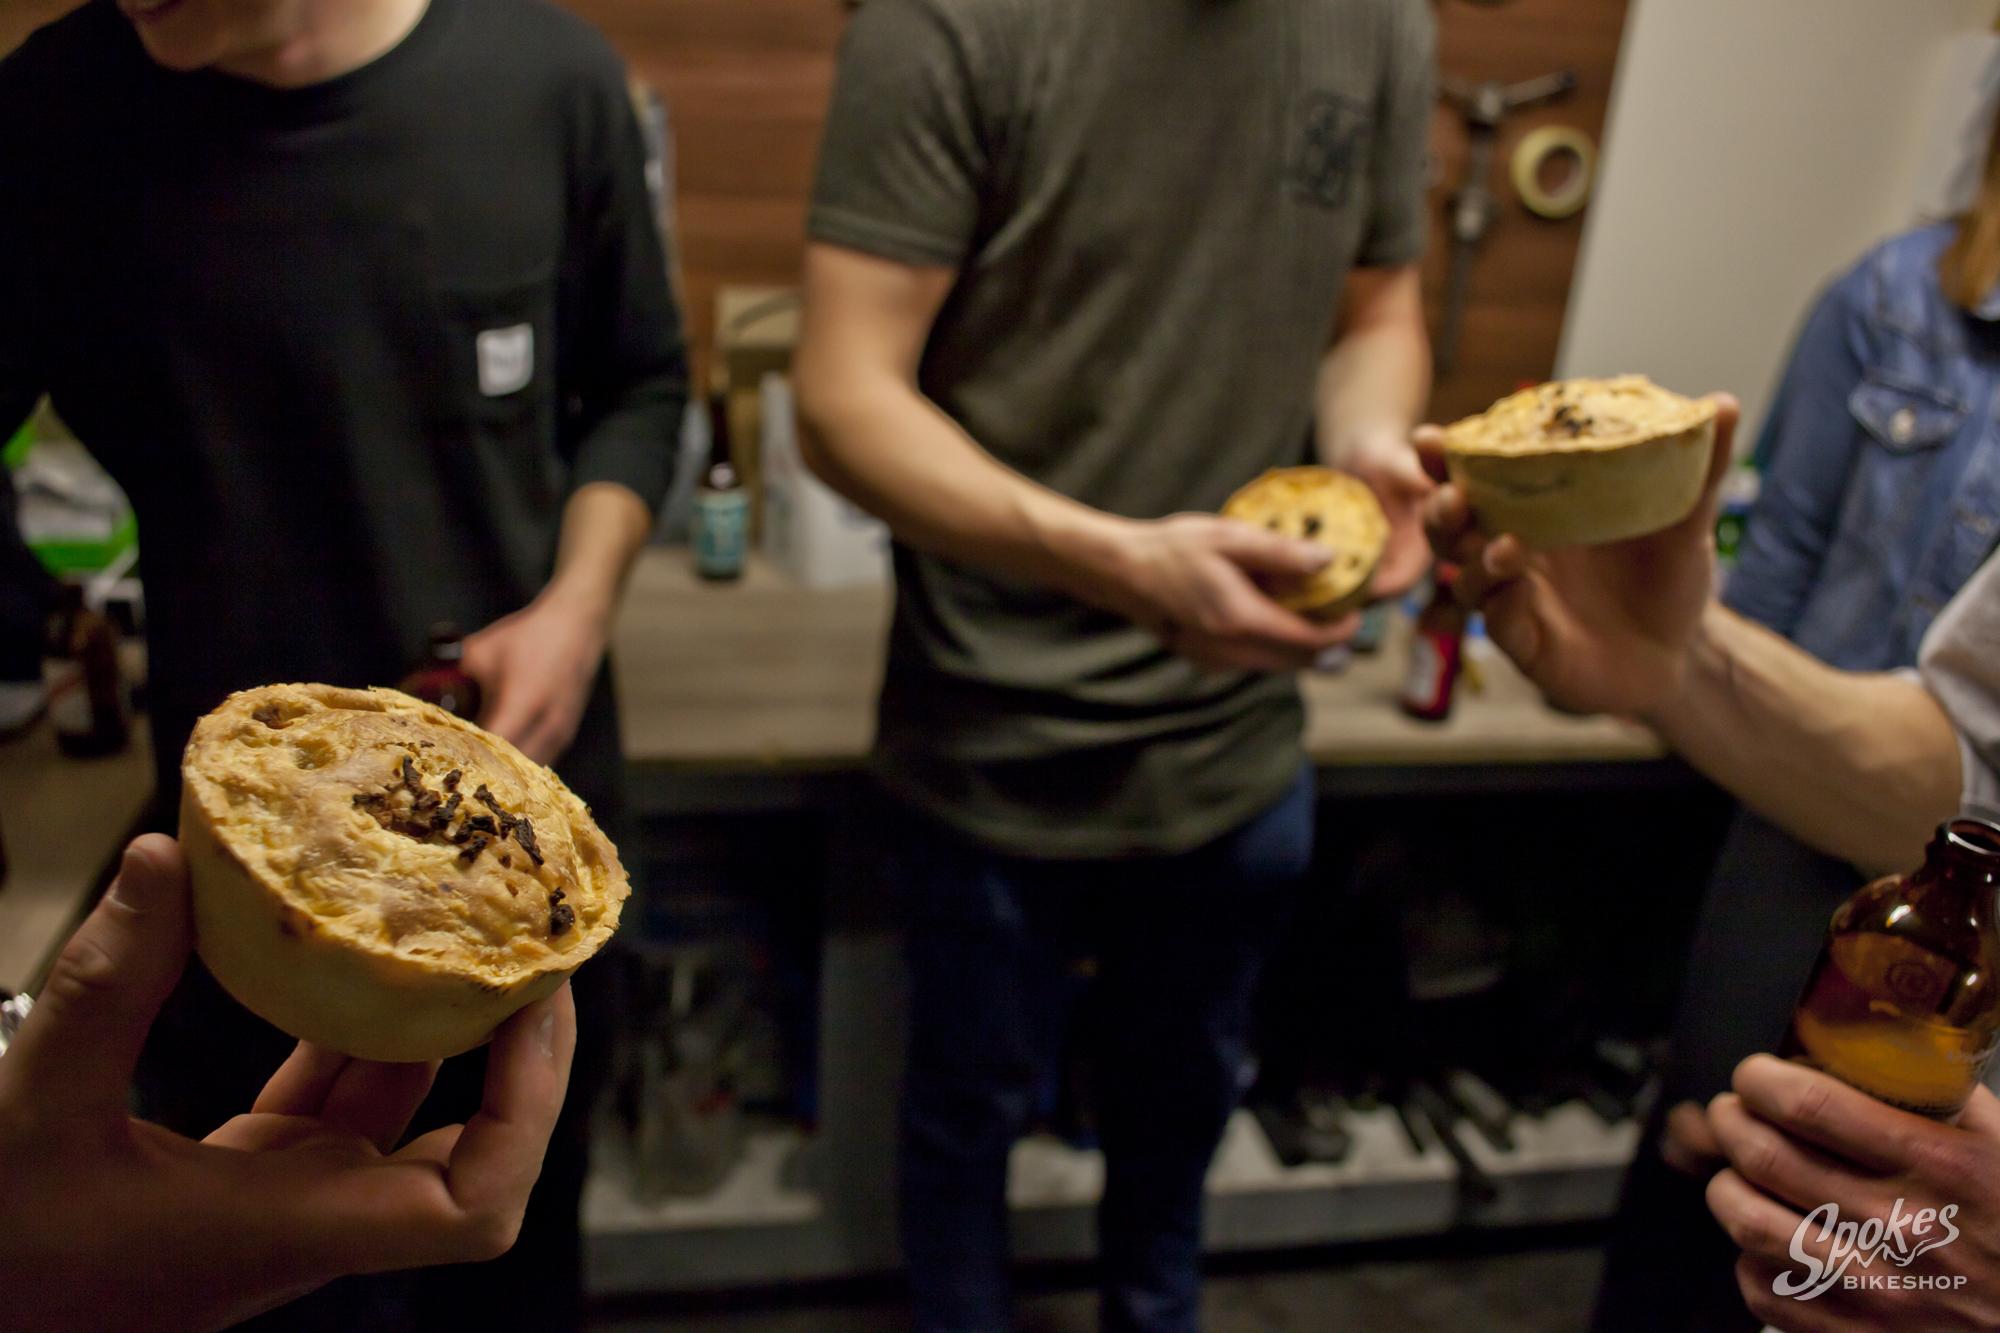 Slice of pie 2017 premier